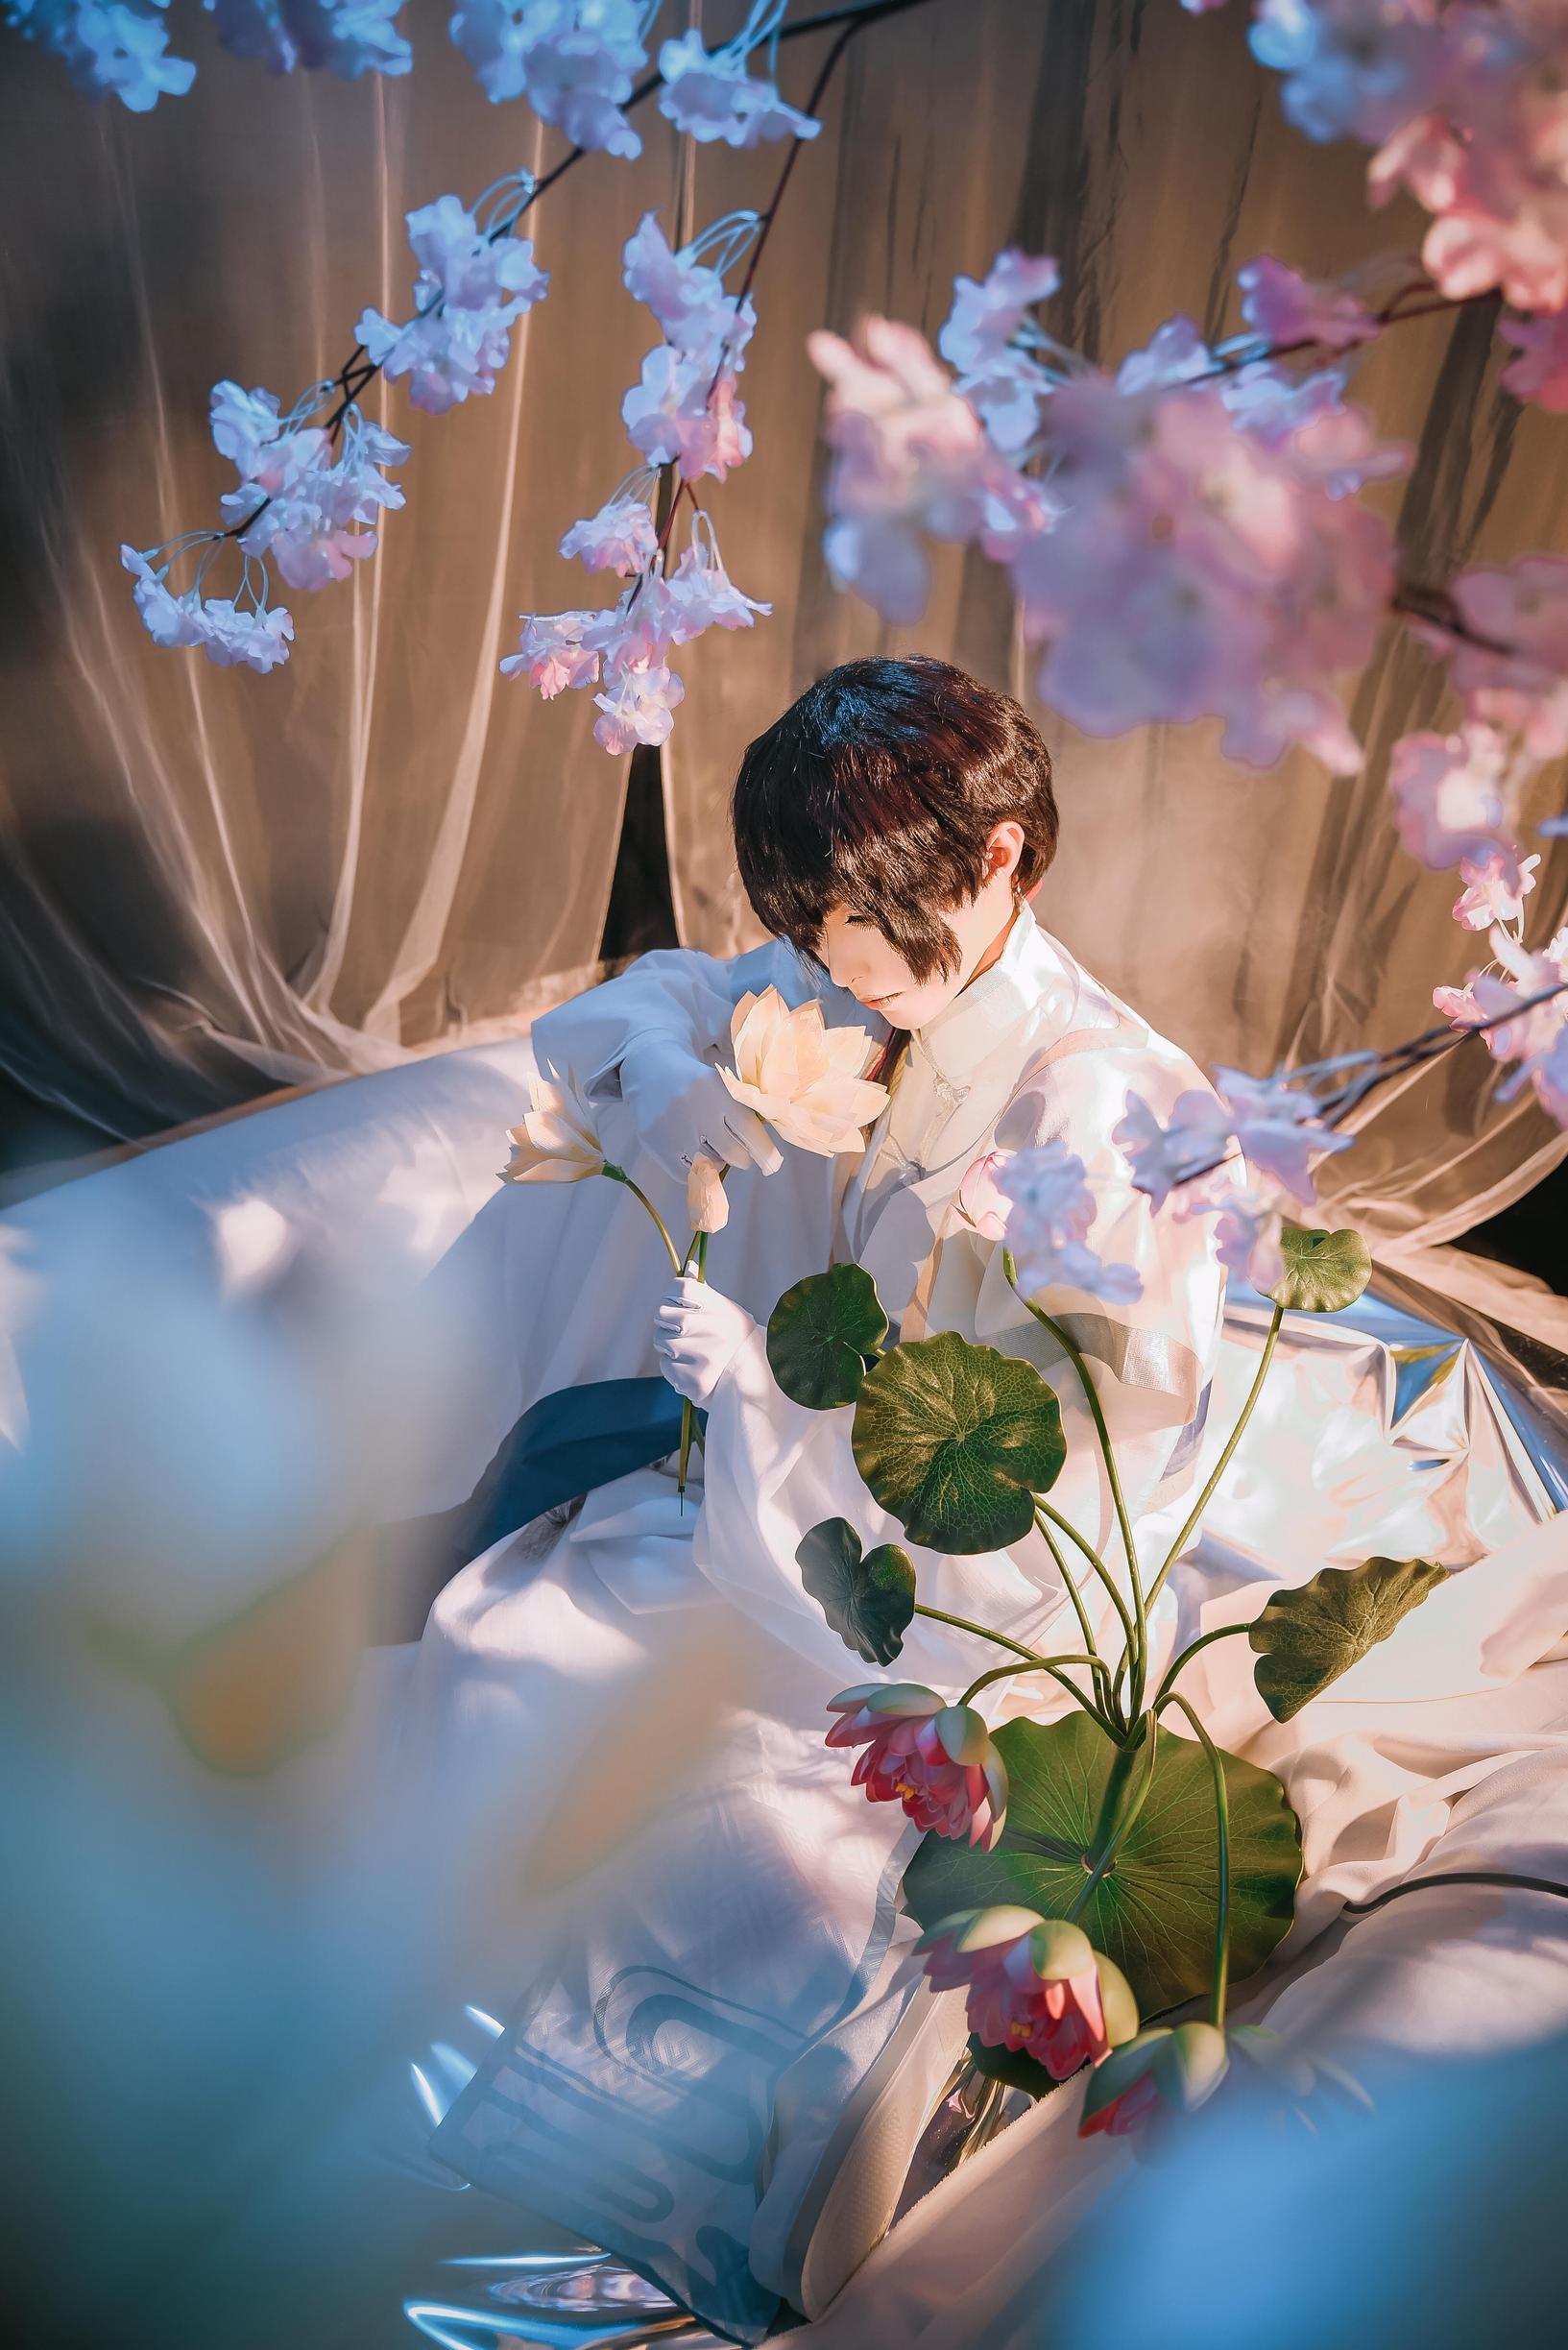 《文豪野犬》文豪野犬太宰治cosplay【CN:bab工作室啵比】-第9张